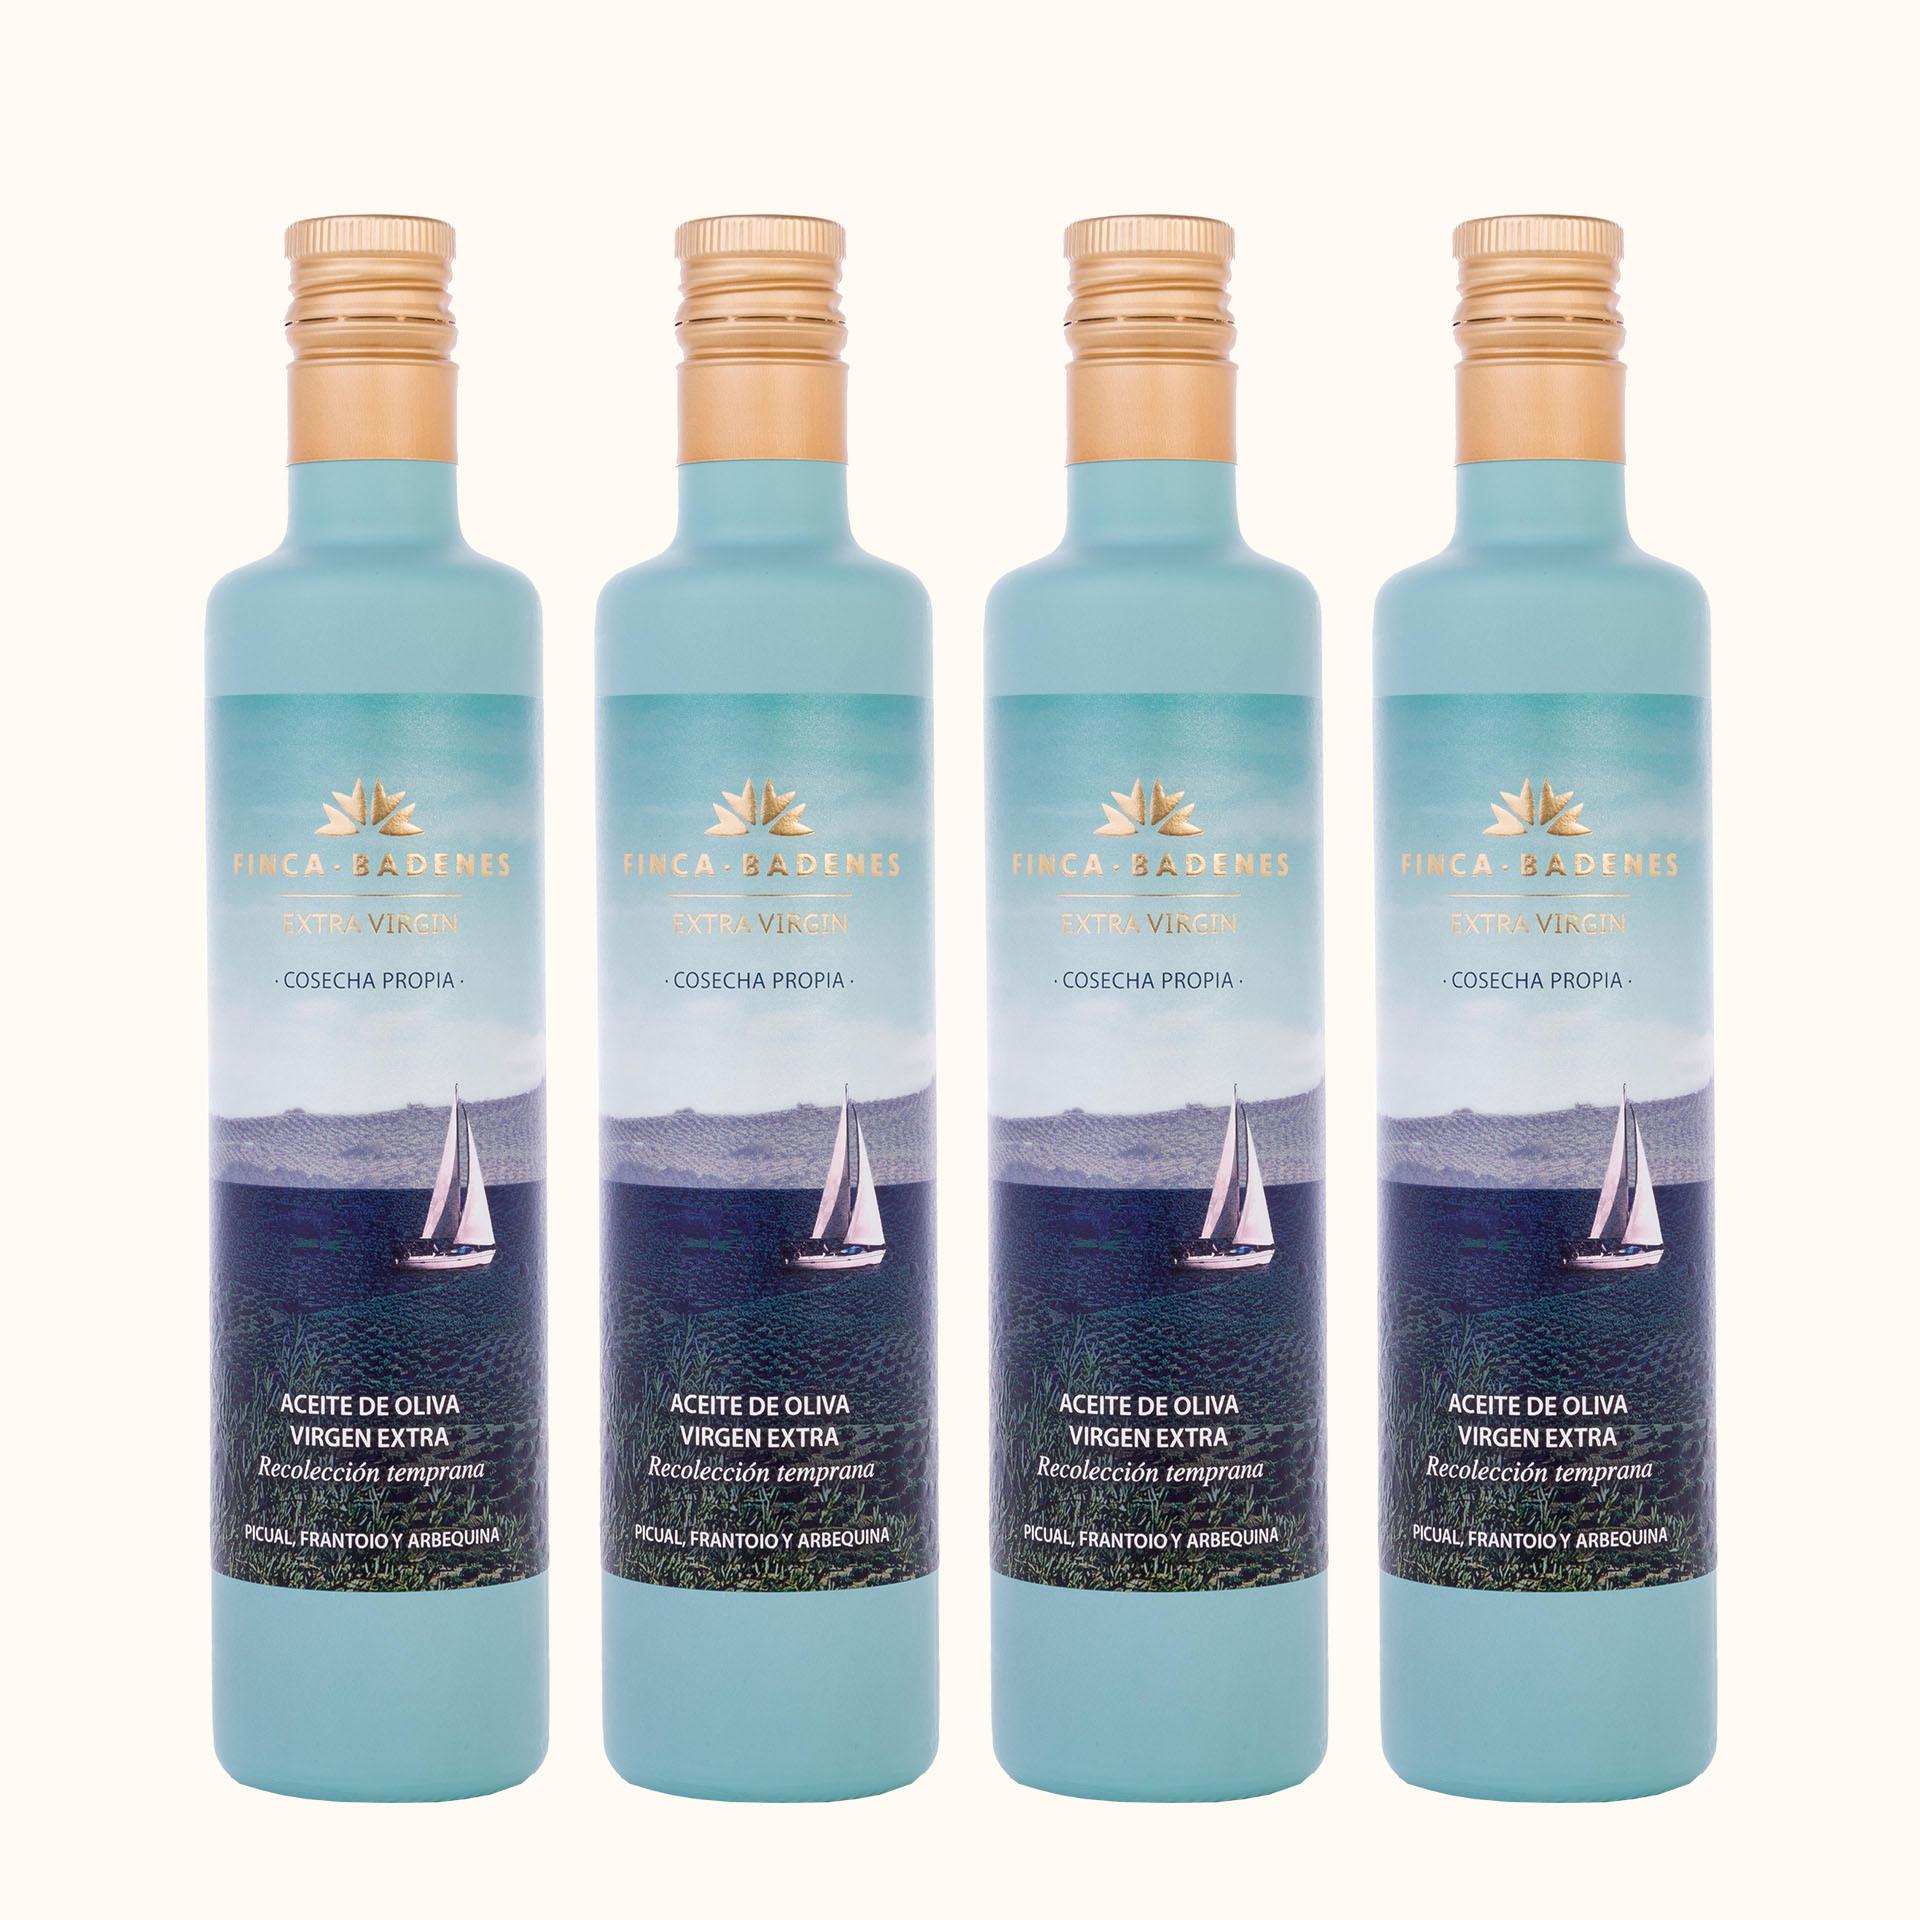 巴狄尼絲莊園頂級初榨橄欖油500ml(4入)